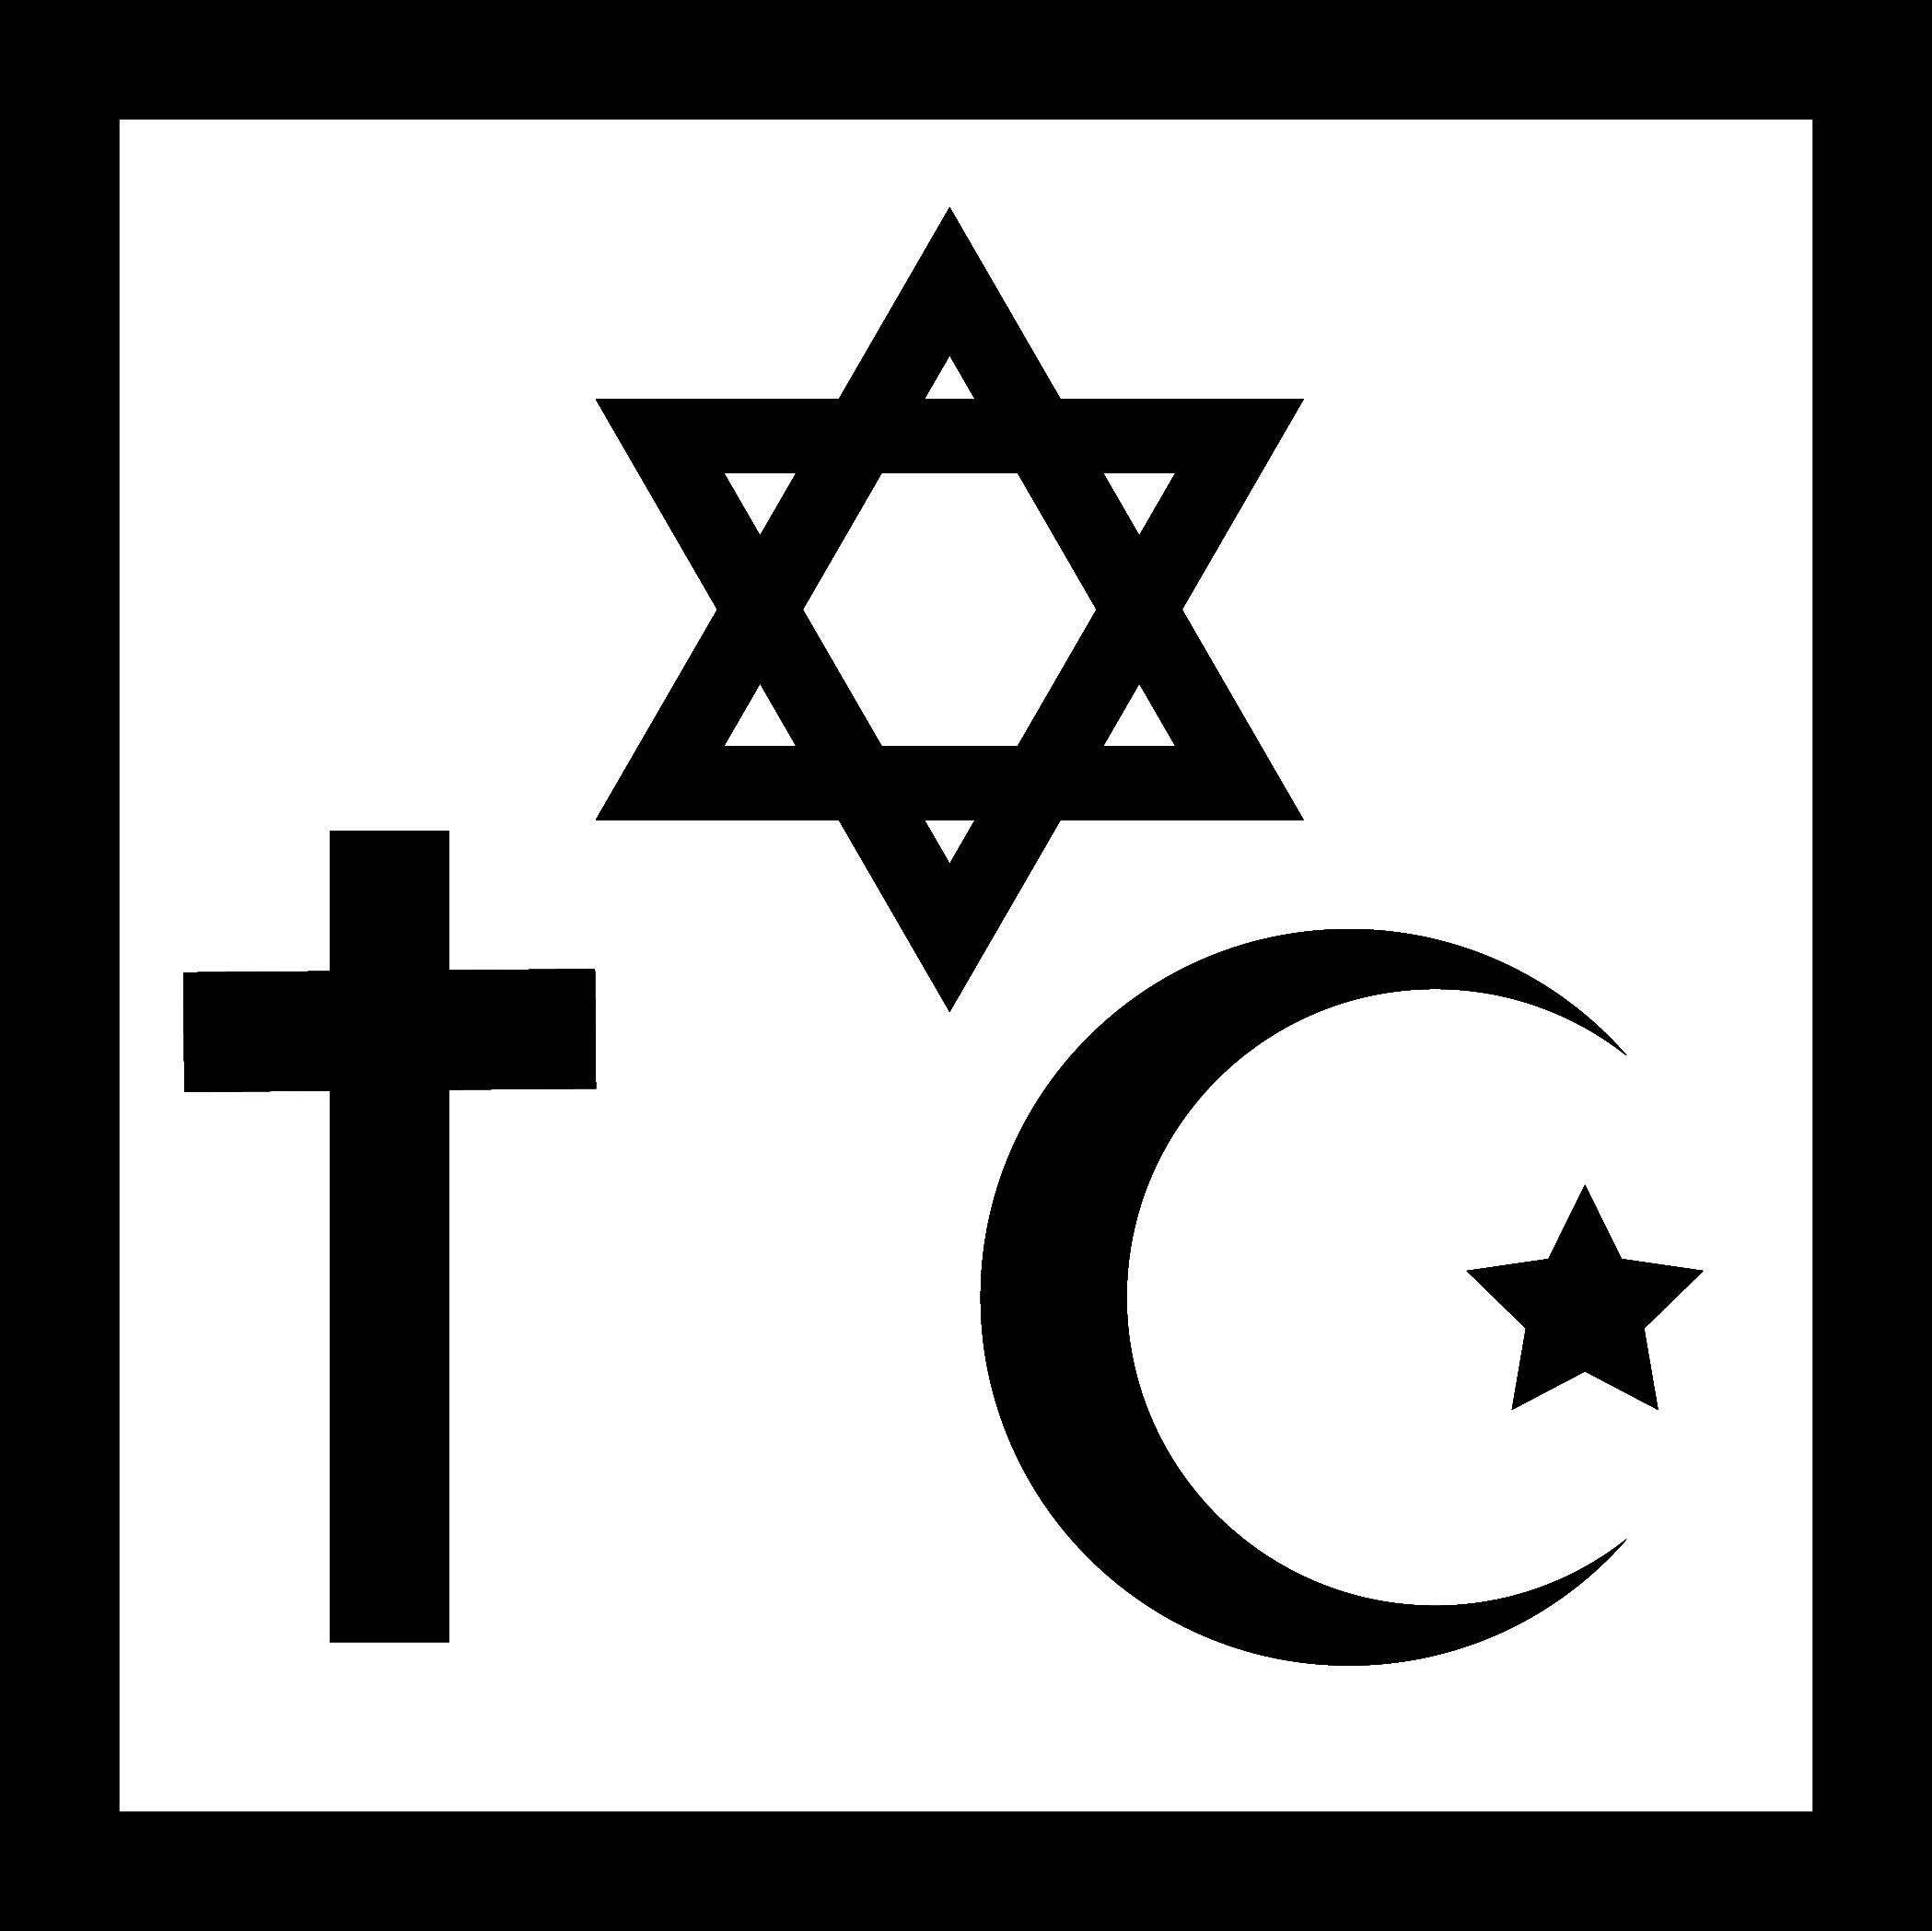 Larp porusza tematykę religijną